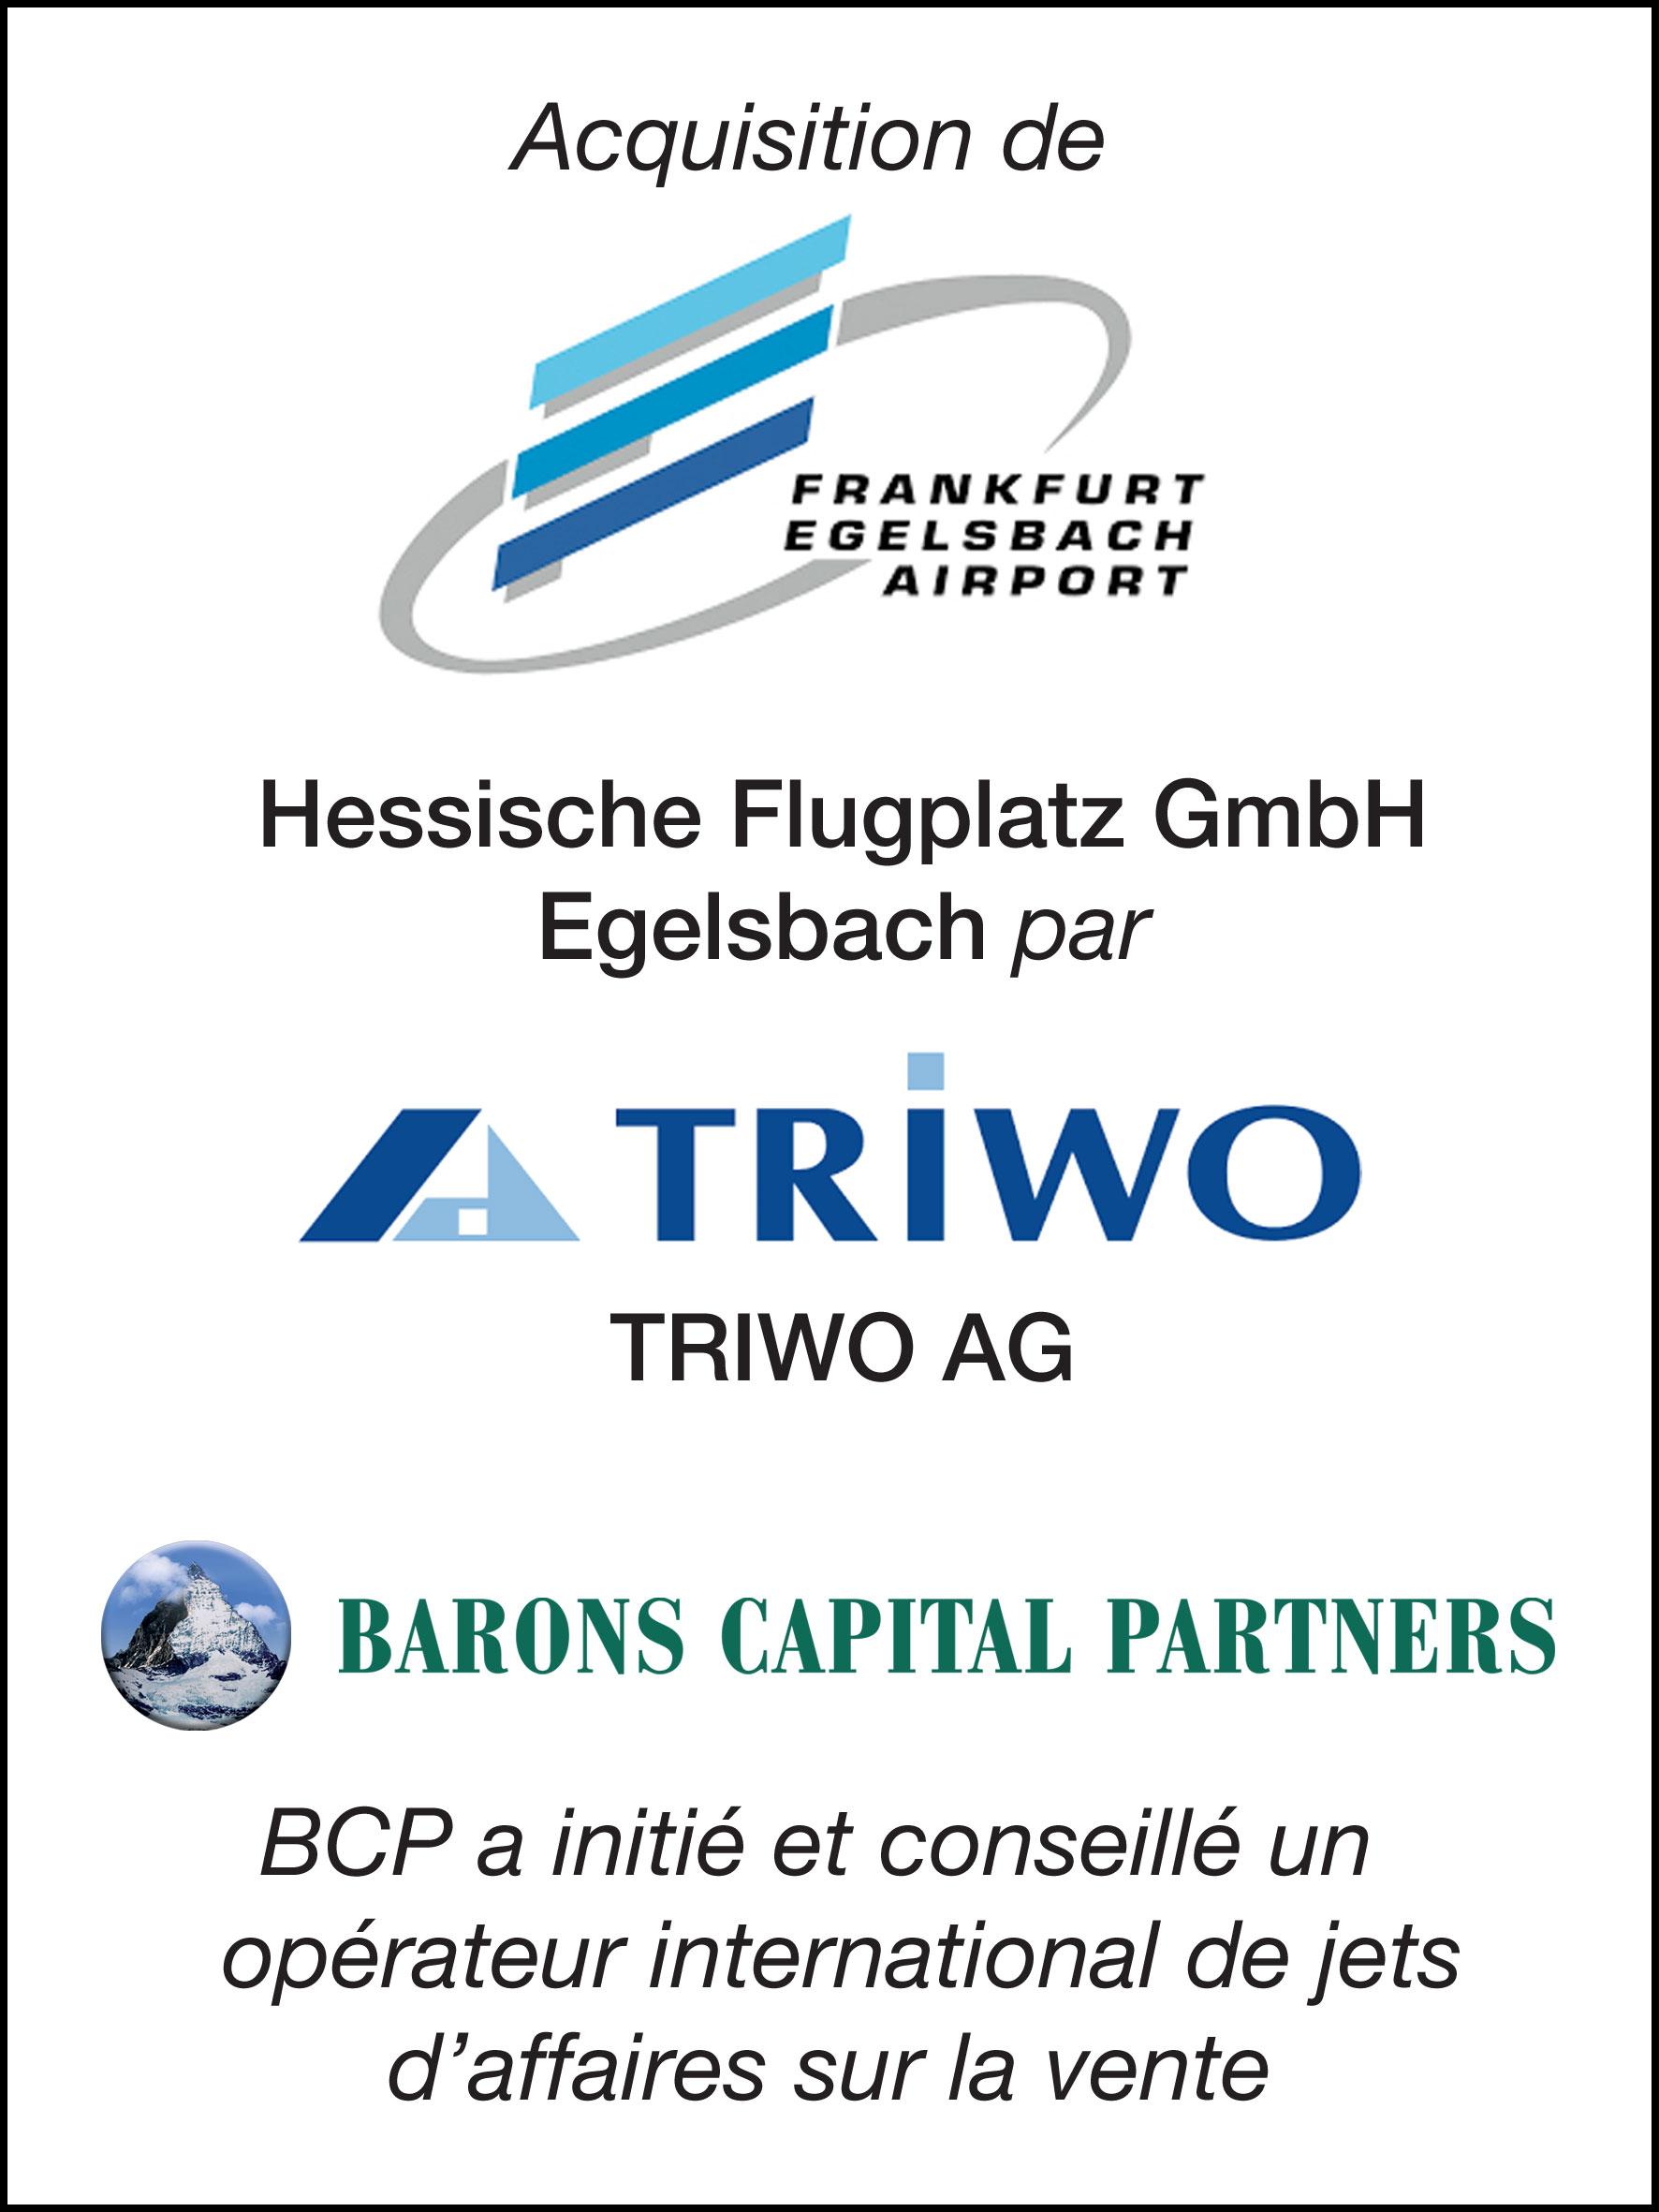 5-1_Hessische Flugplatz GmbH Egelsbach_F